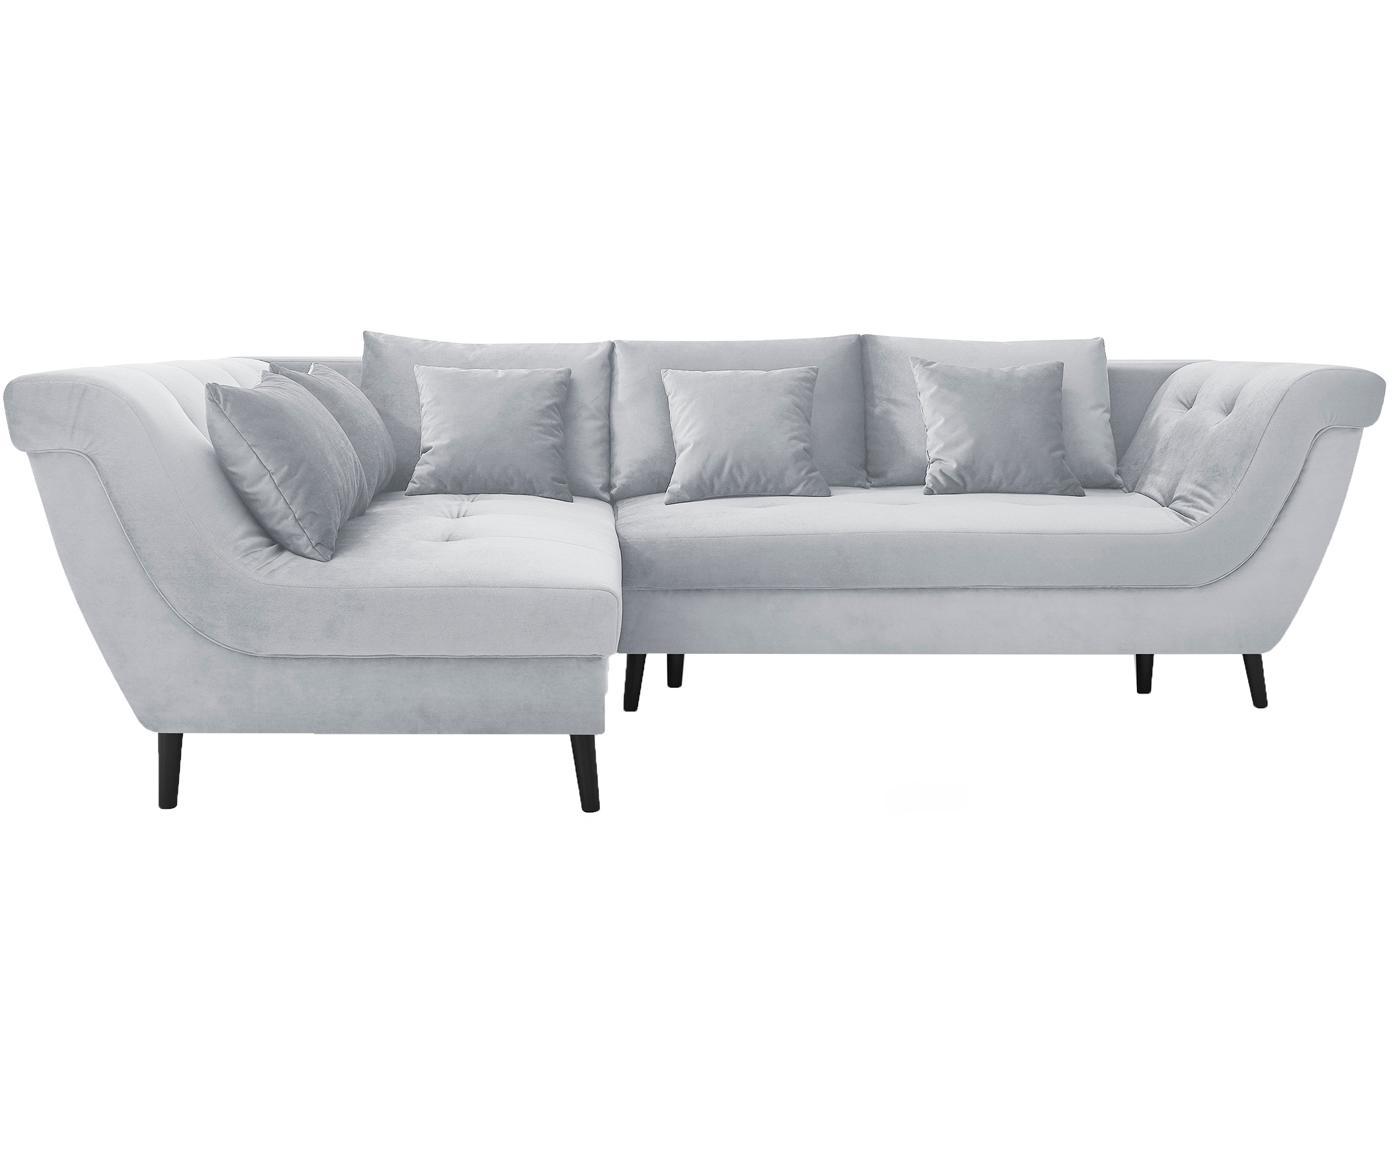 Sofa narożna z funkcją spania z aksamitu Real, Tapicerka: 100% aksamit poliestrowy, Nogi: metal lakierowany, Jasny szary, S 296 x G 172 cm